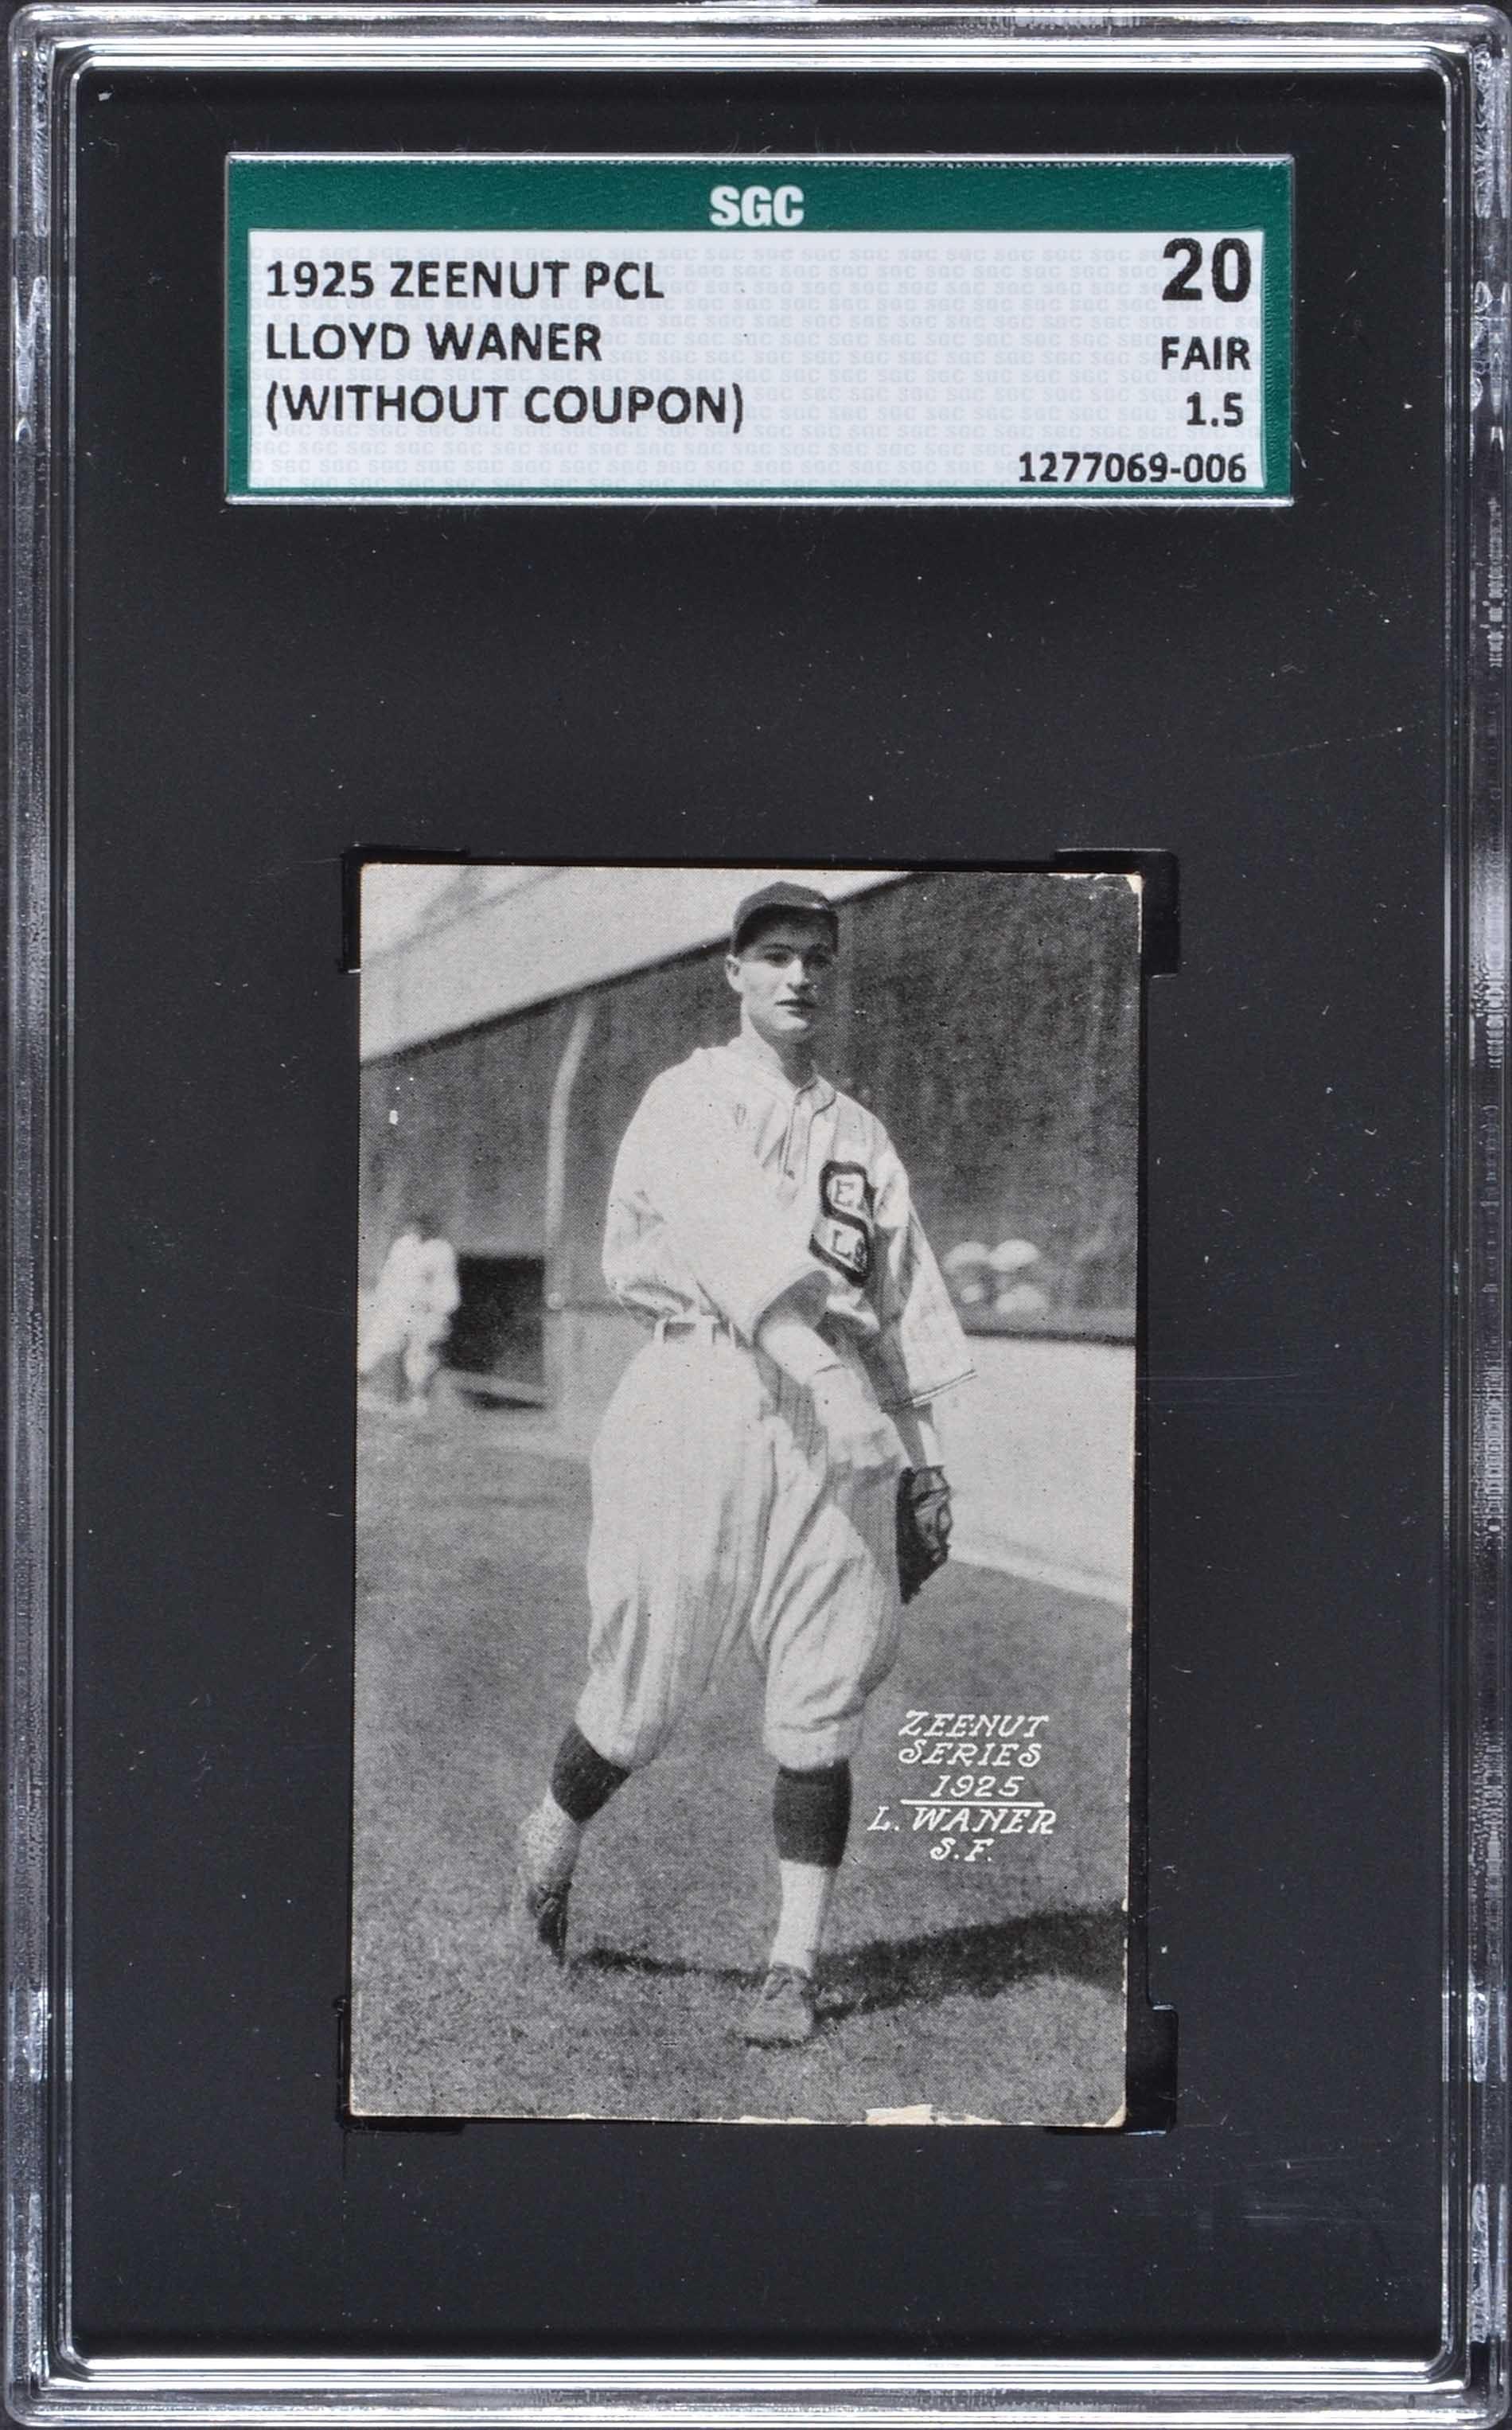 1925 Zeenut Pcl Lloyd Waner Rookie